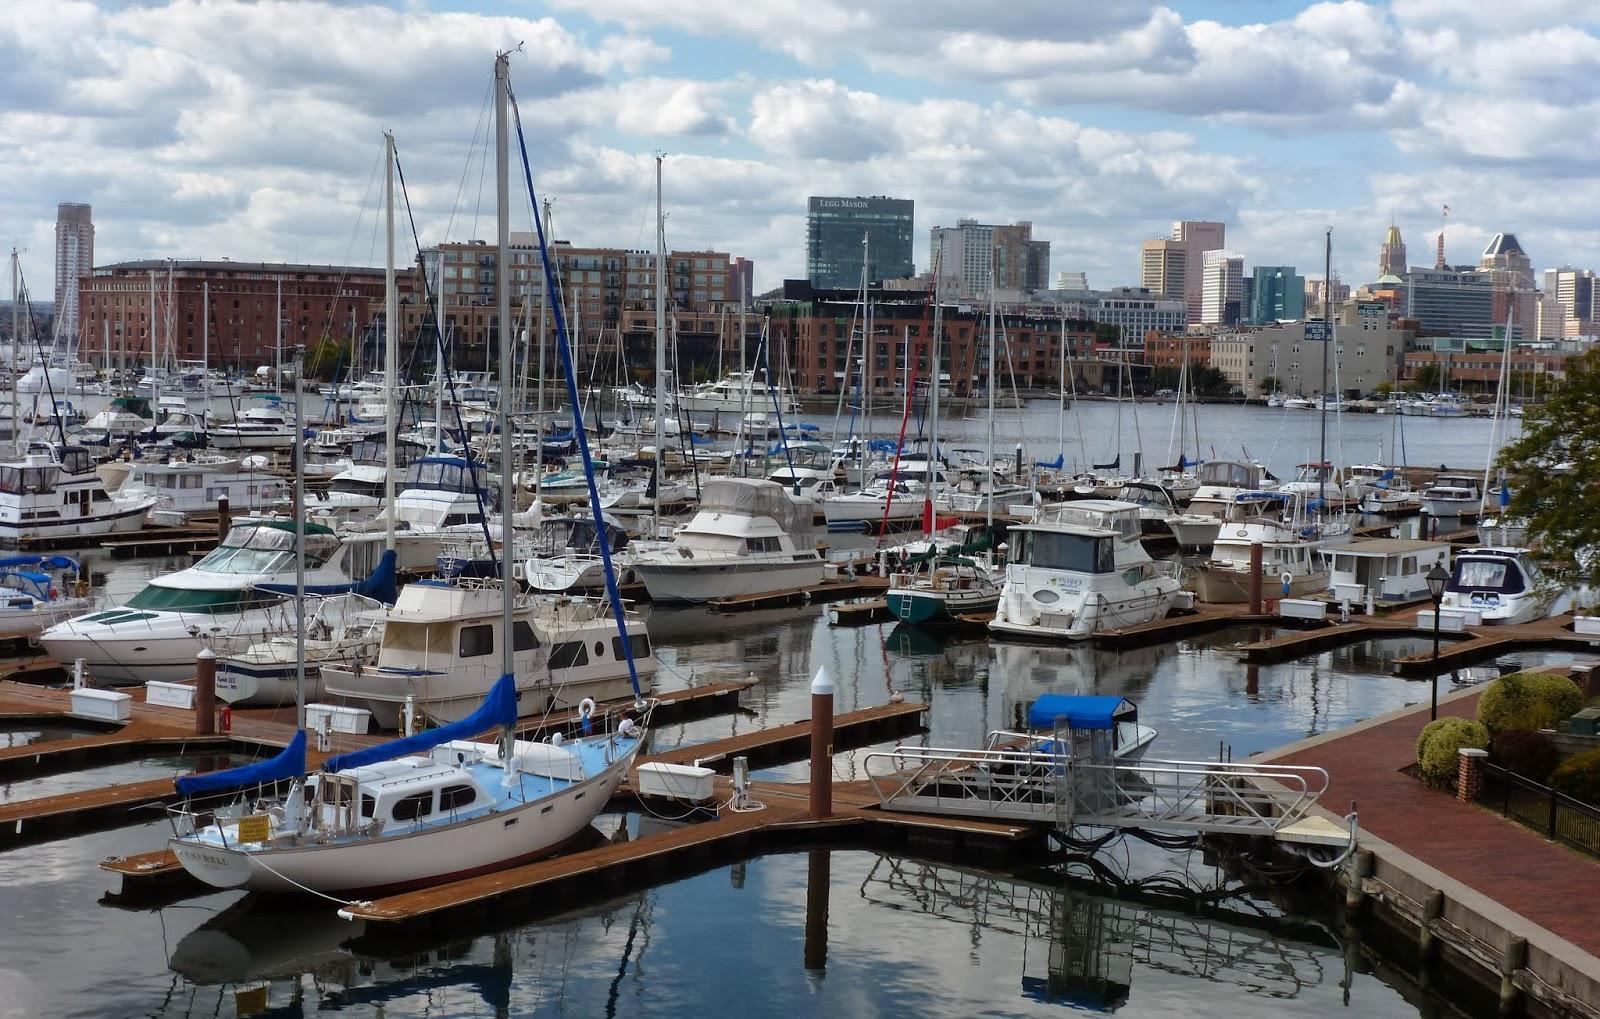 LAZY W: Baltimore